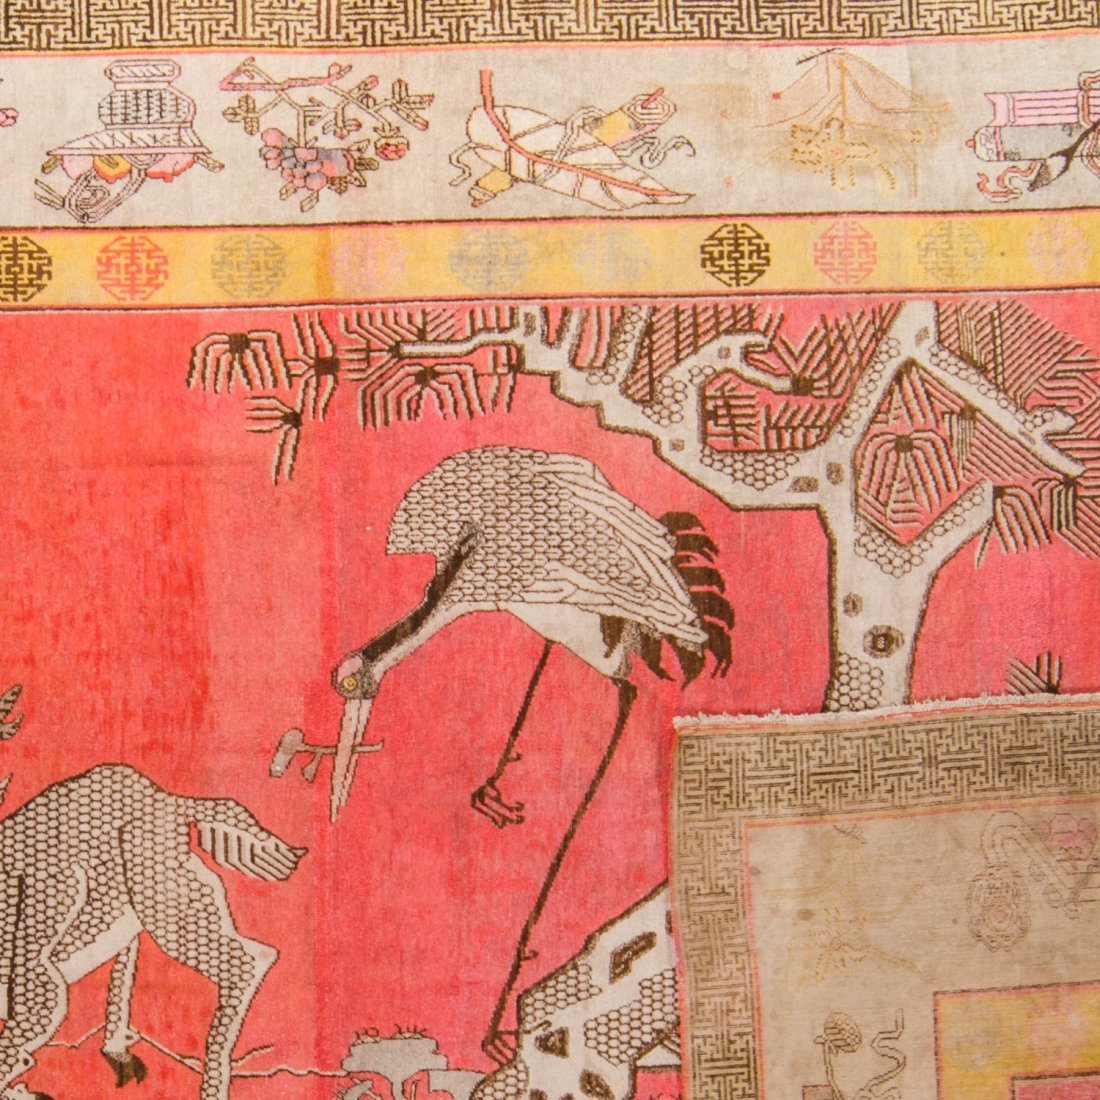 Large Antique Samarkand Rug: 9'4'' x 14'2'' - 2